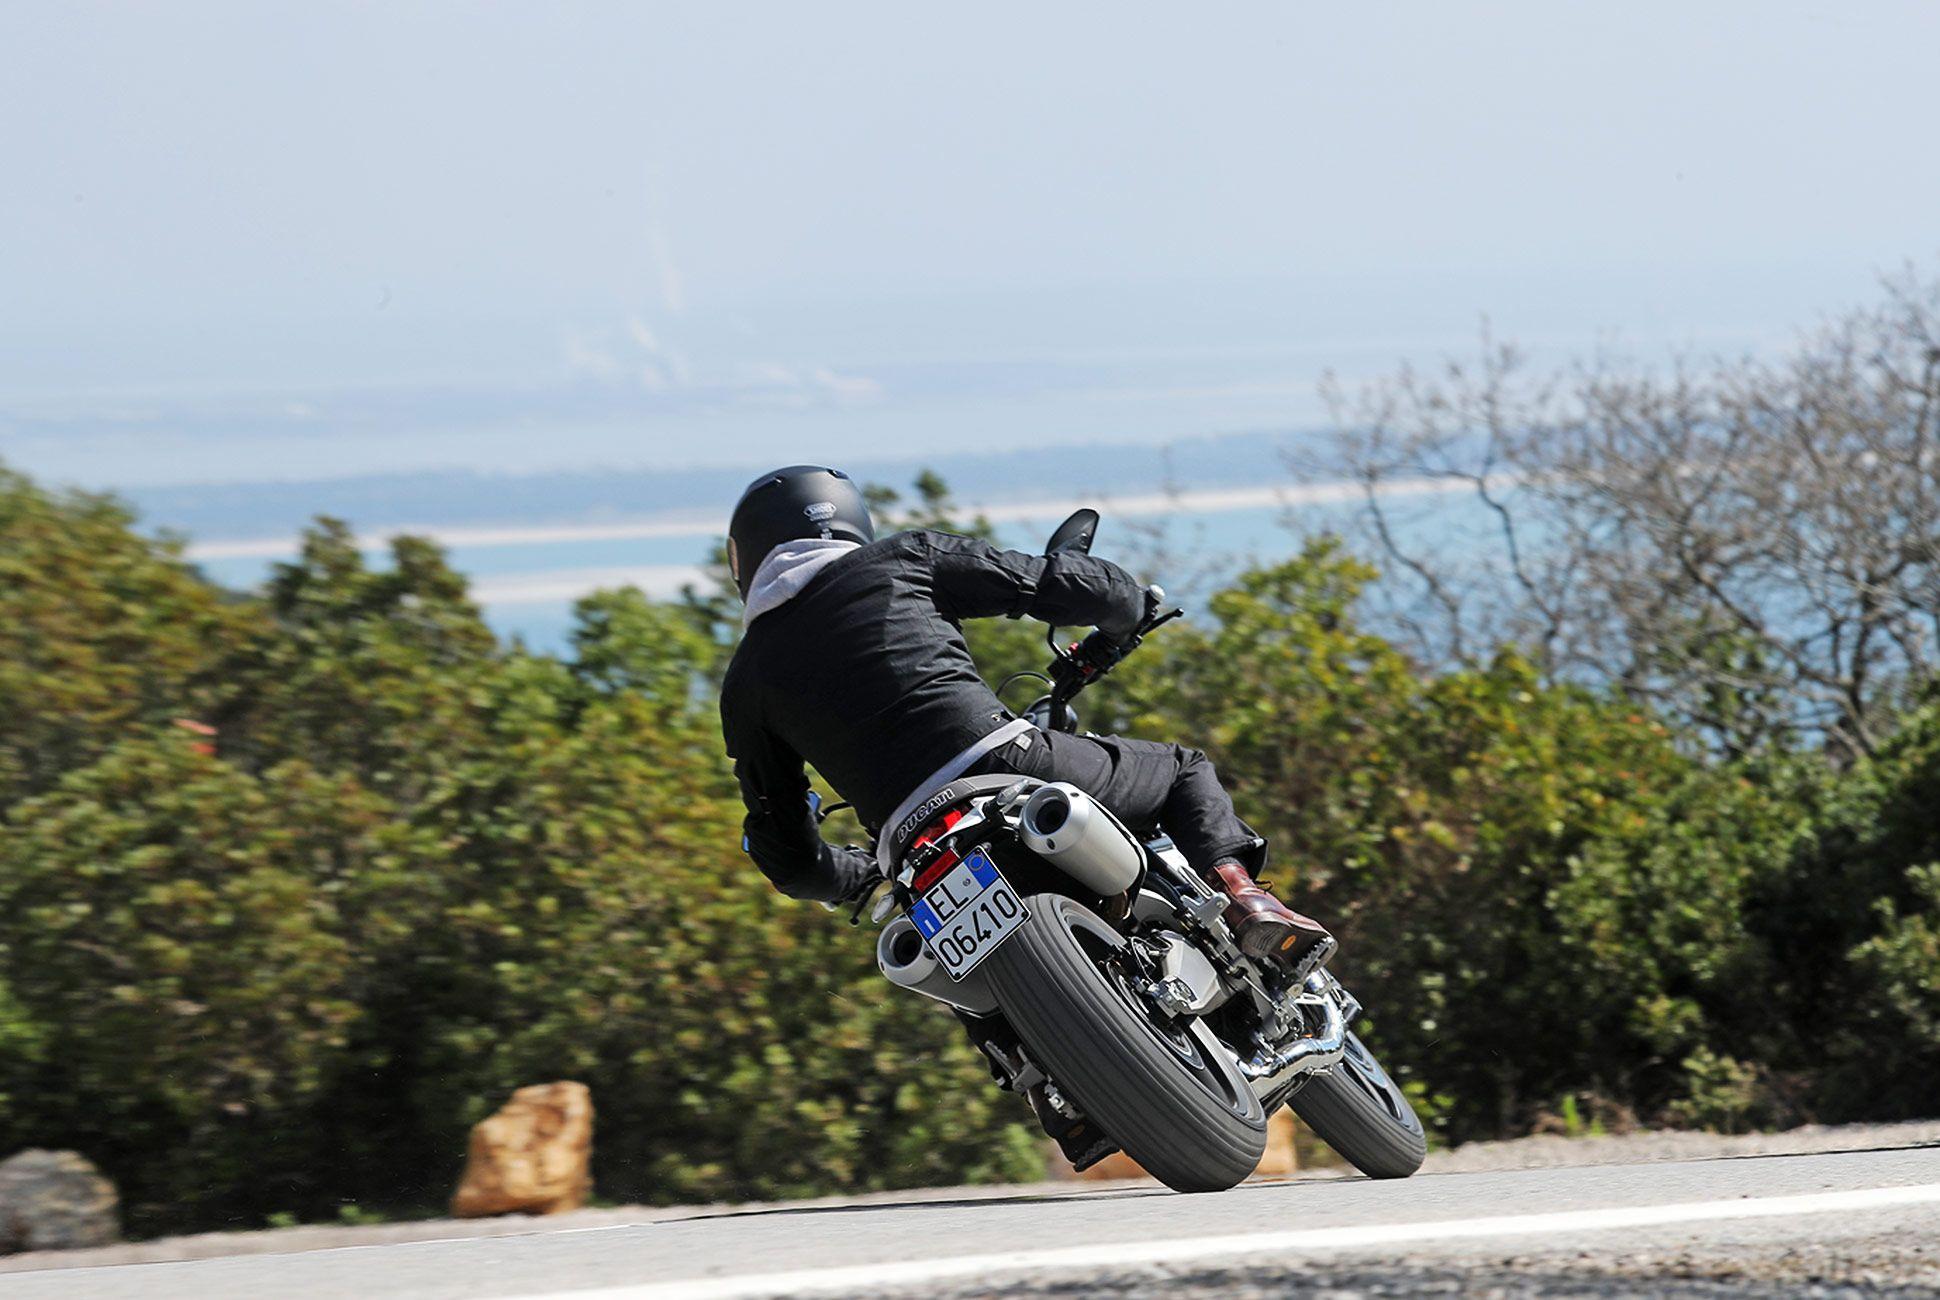 Ducati-Scrambler-1100-gear-patrol-slide-2